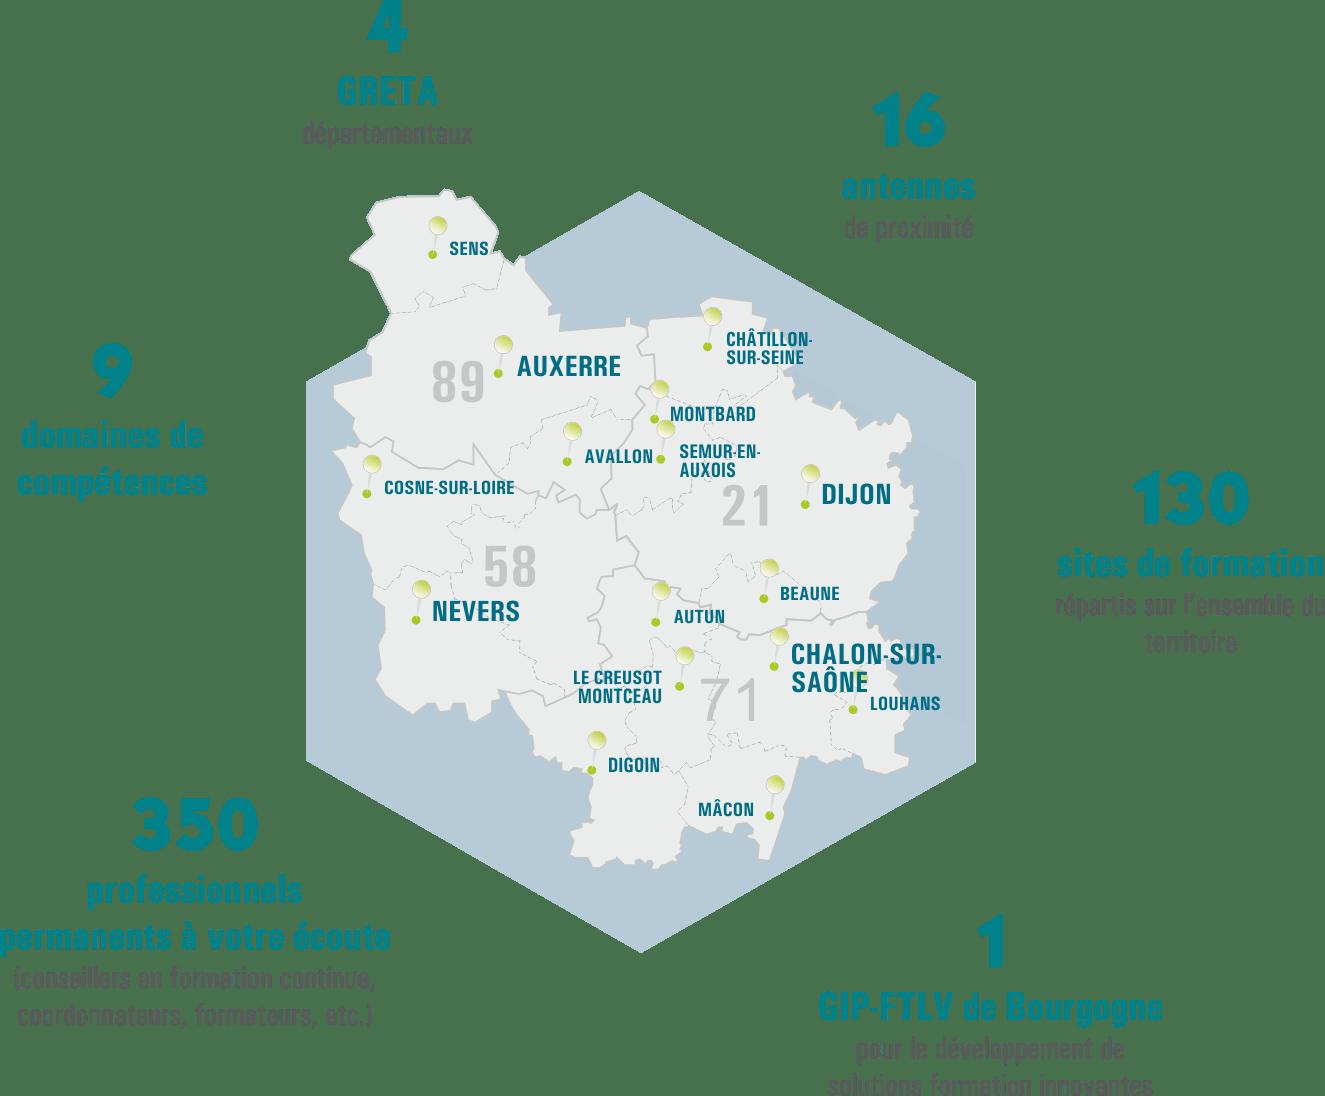 Chiffres clés du réseau des GRETA de Bourgogne : 4 GRETA / 16 antennes de proximité / 9 domaines de compétences / 130 sites de formation sur la Bourgogne / 350 professionnels permanents à votre écoute / 1 GIP-FTLV de Bourgogne pour le développement de solutions formation innovantes